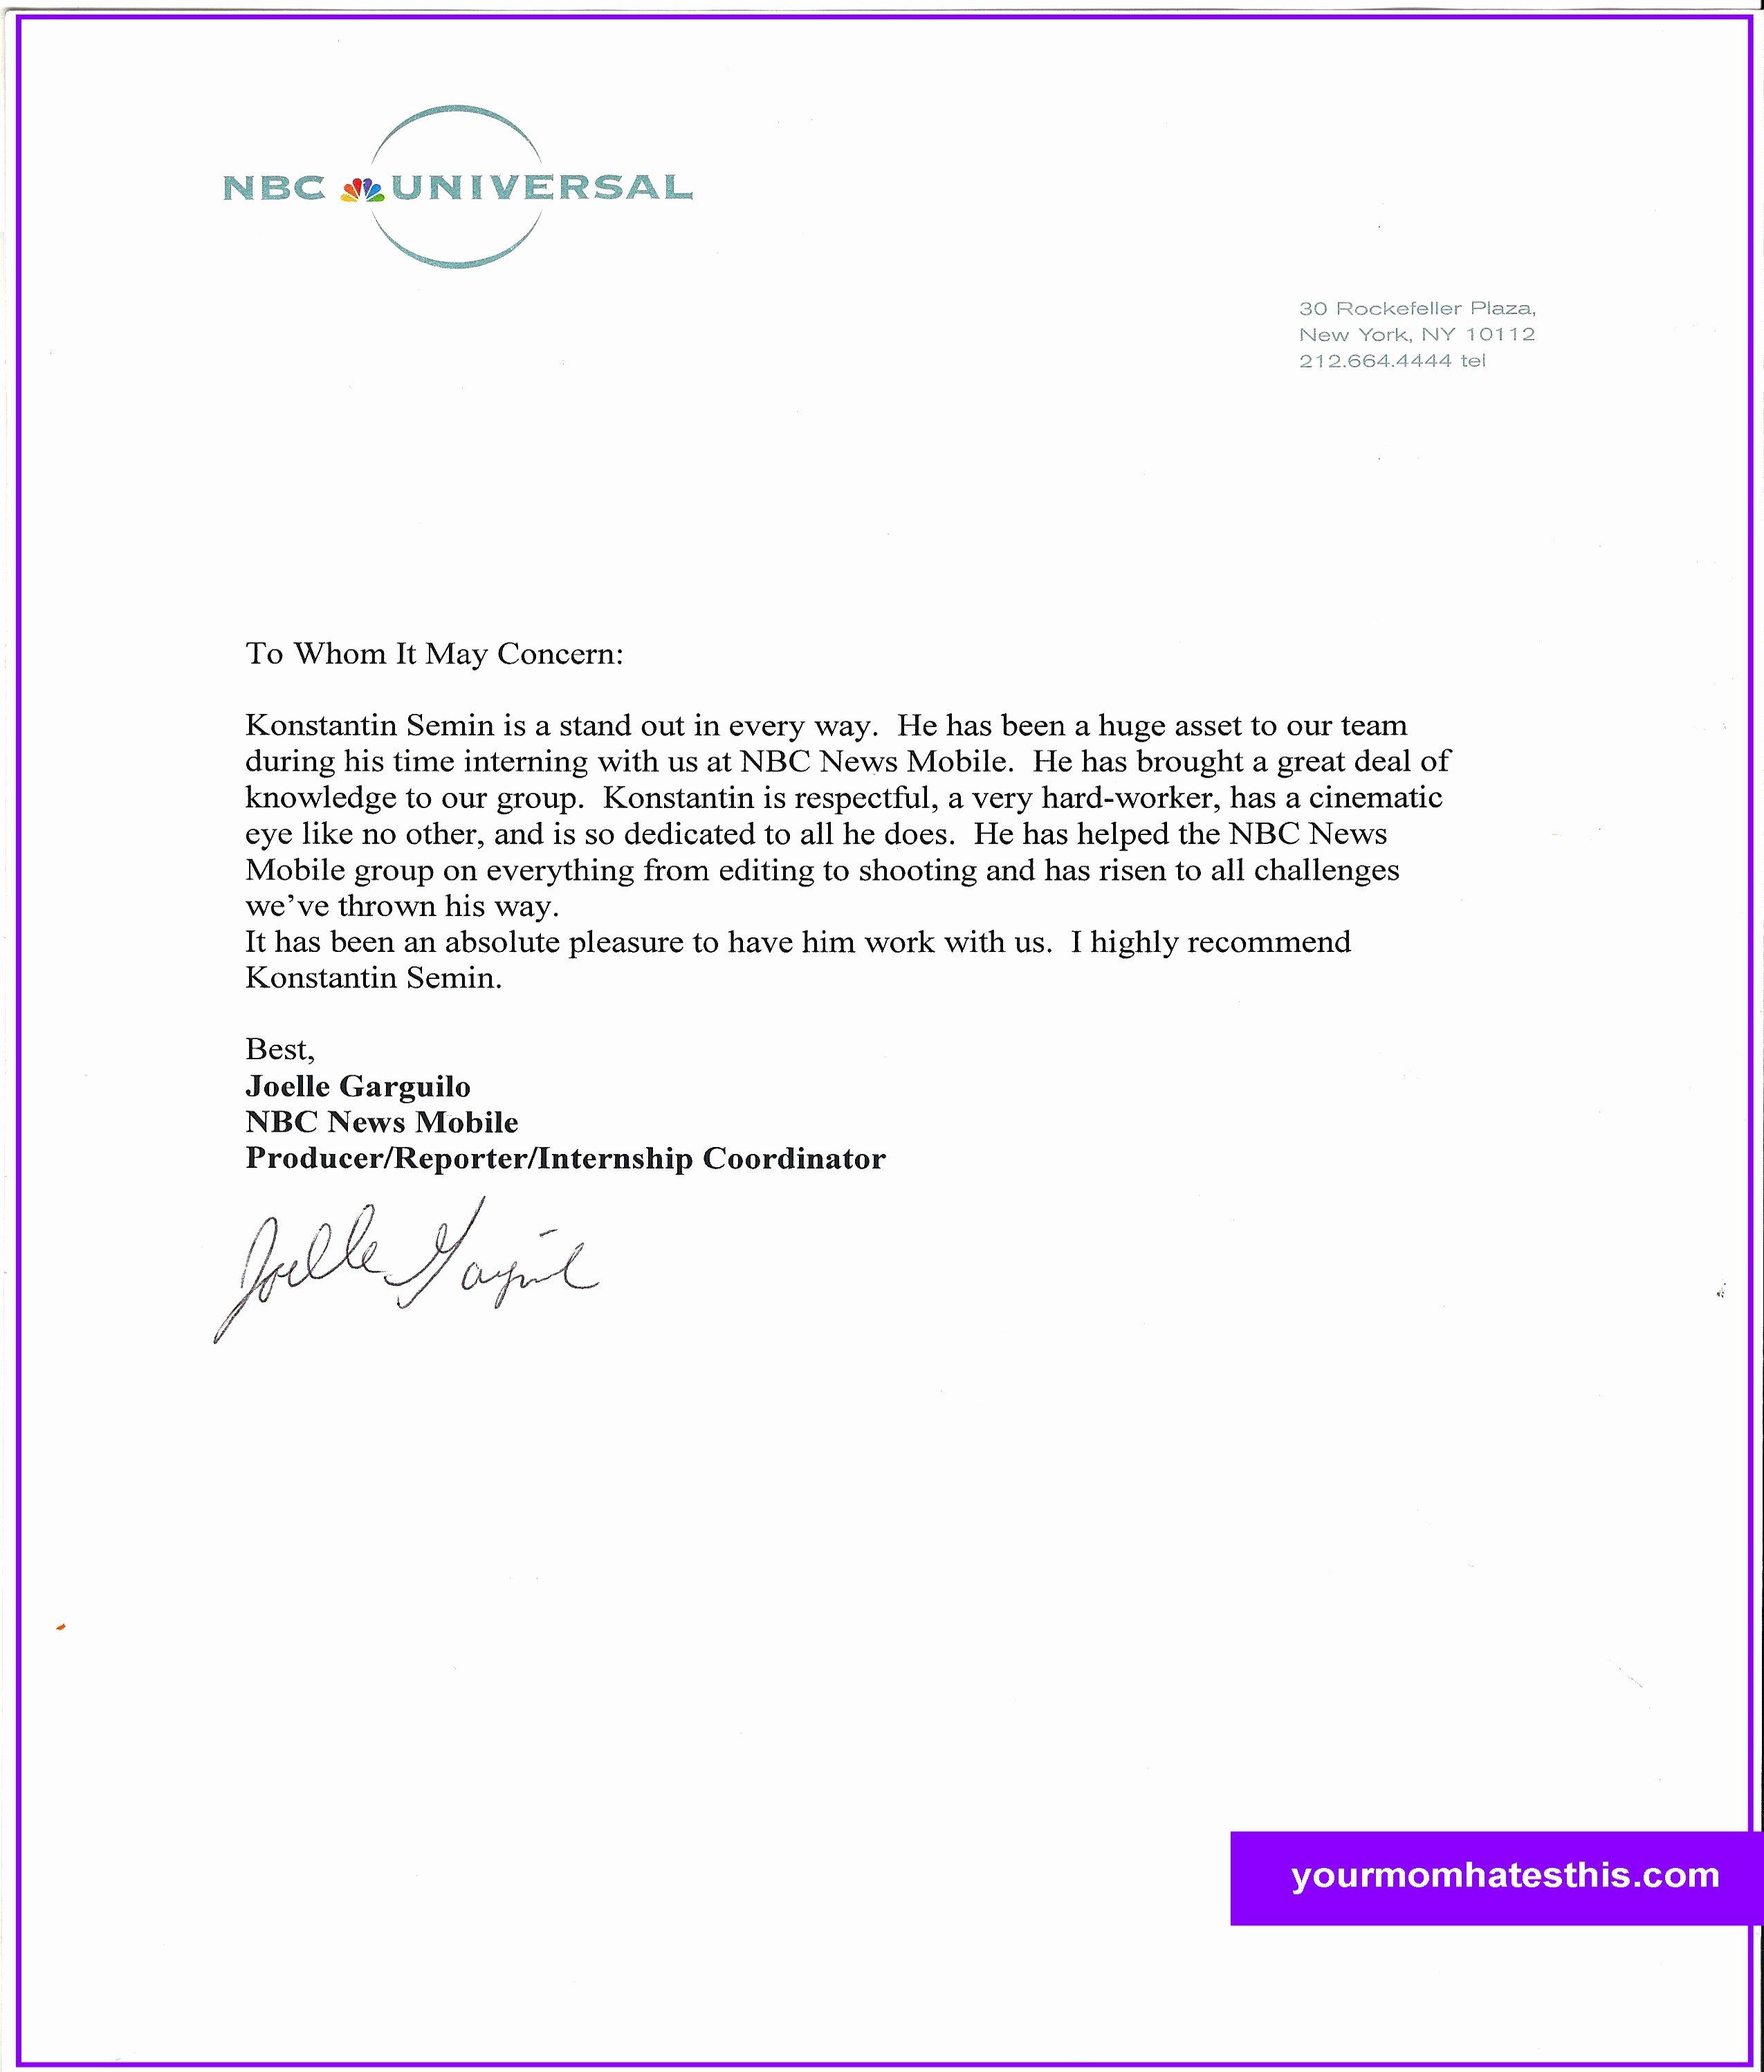 Letter Of Reccomendation Template Elegant Download Letter Of Re Mendation Samples